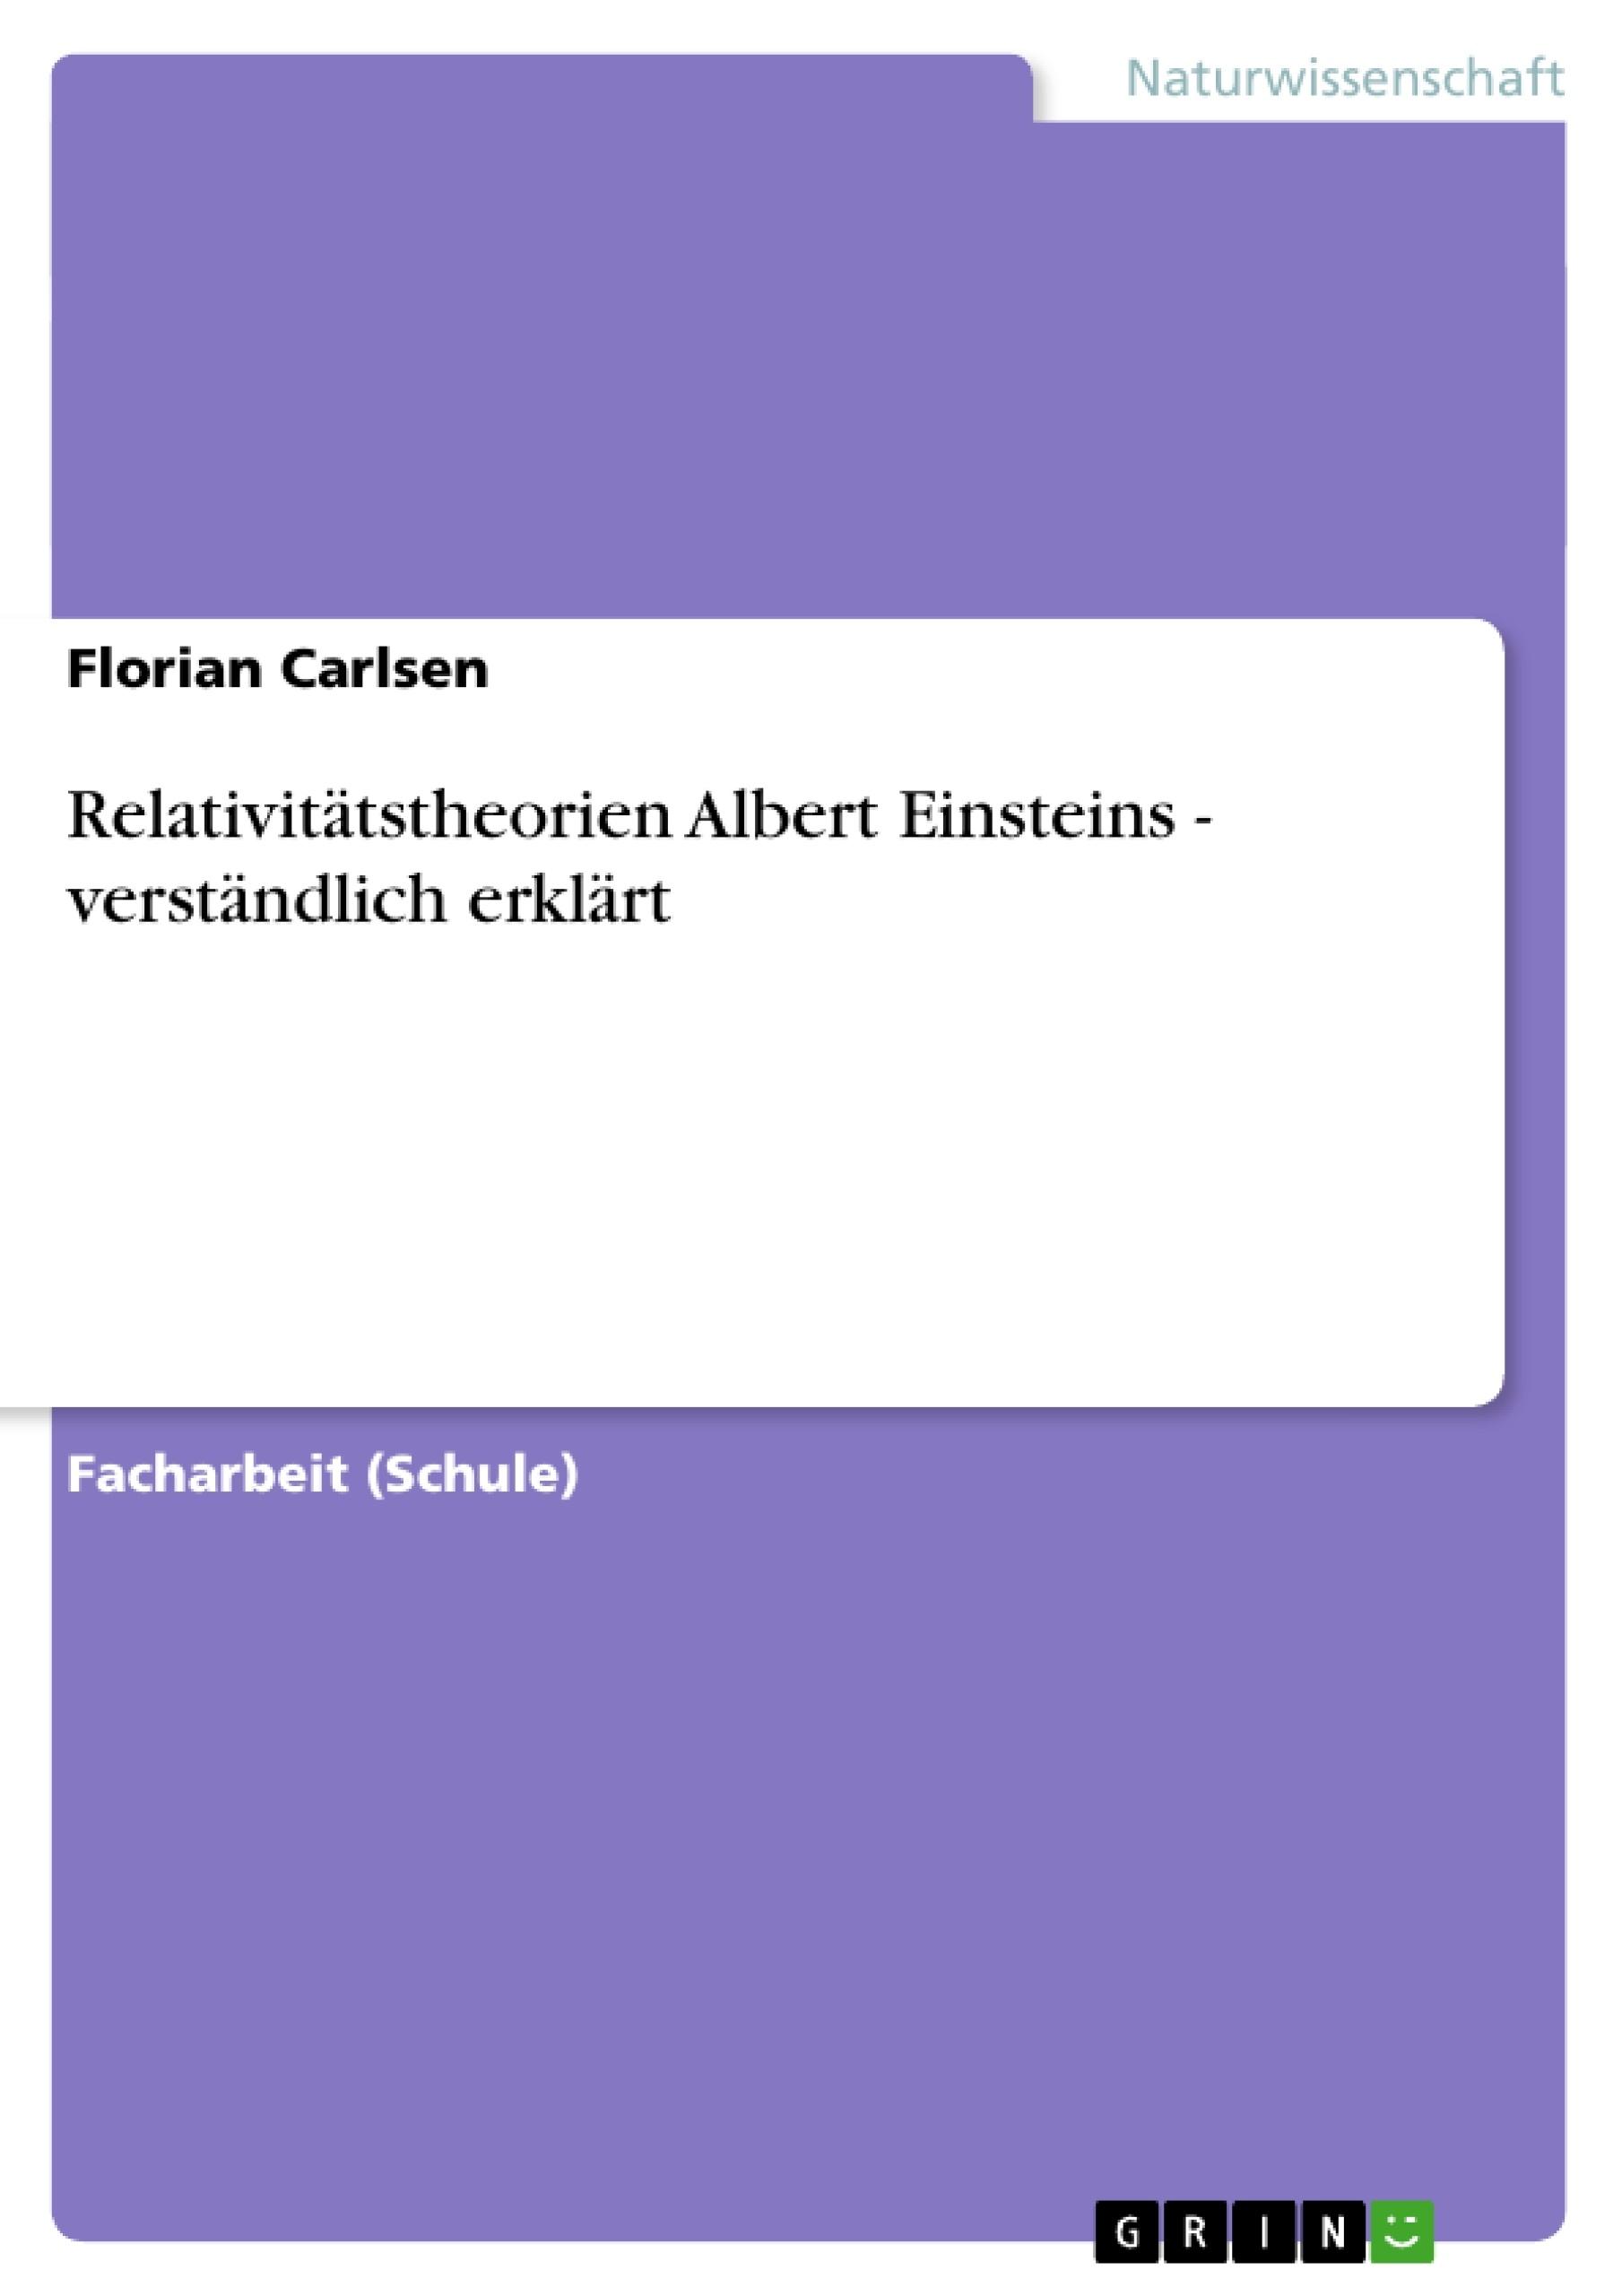 Titel: Relativitätstheorien Albert Einsteins - verständlich erklärt